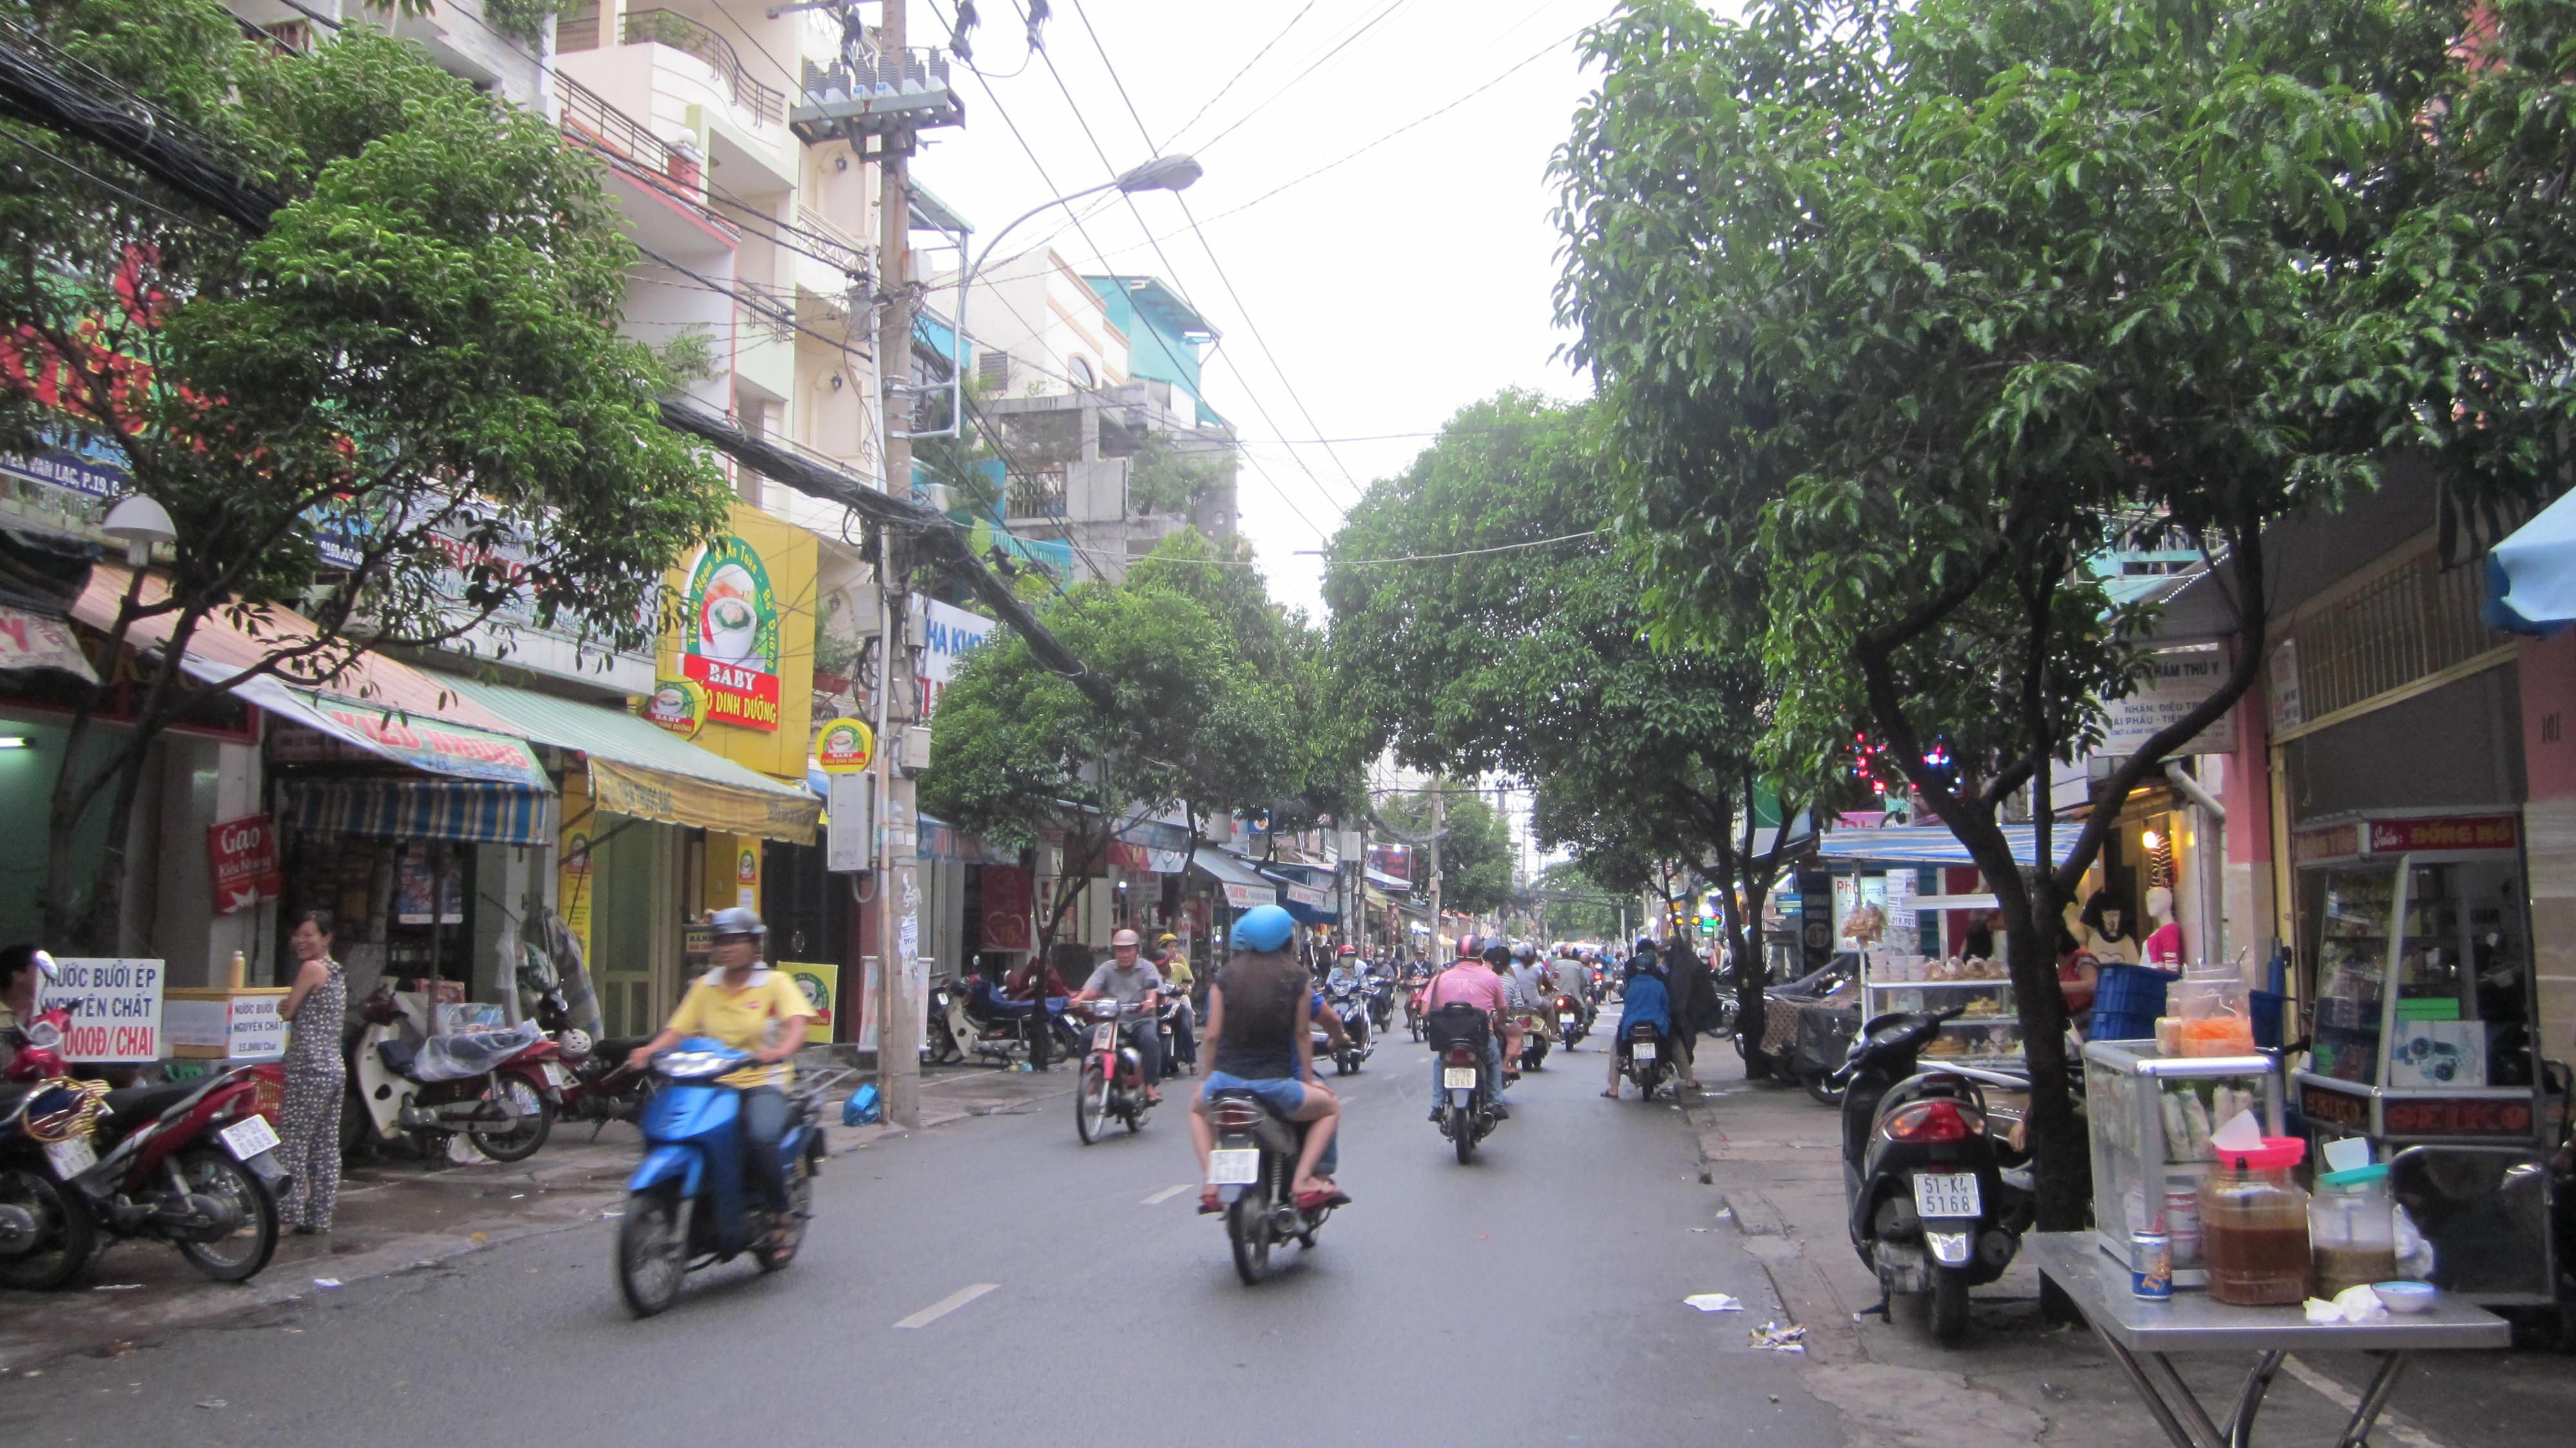 Bán nhà mặt tiền Xô Viết Nghệ Tĩnh phường 17 quận Bình Thạnh 4x19m